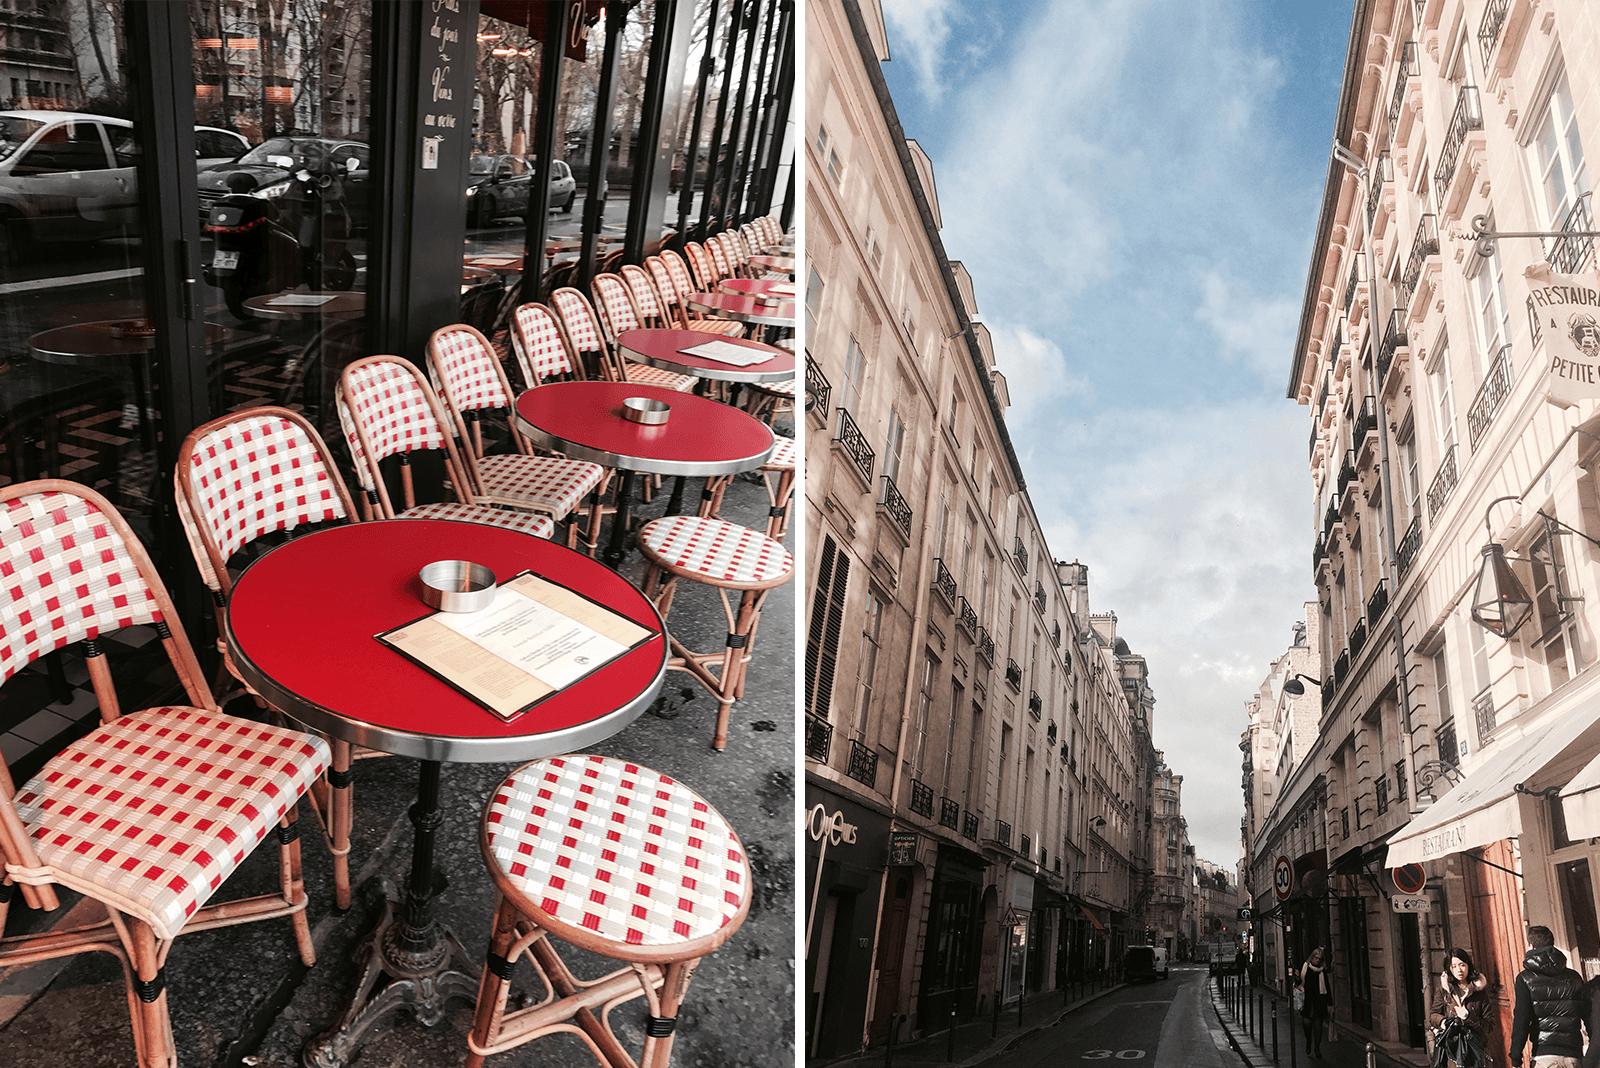 parijs - terras - cafe parijs - wat te doen in parijs - stedentrip parijs - hotspots parijs - wat te doen in parijs - hotspots parijs - activiteiten in parijs